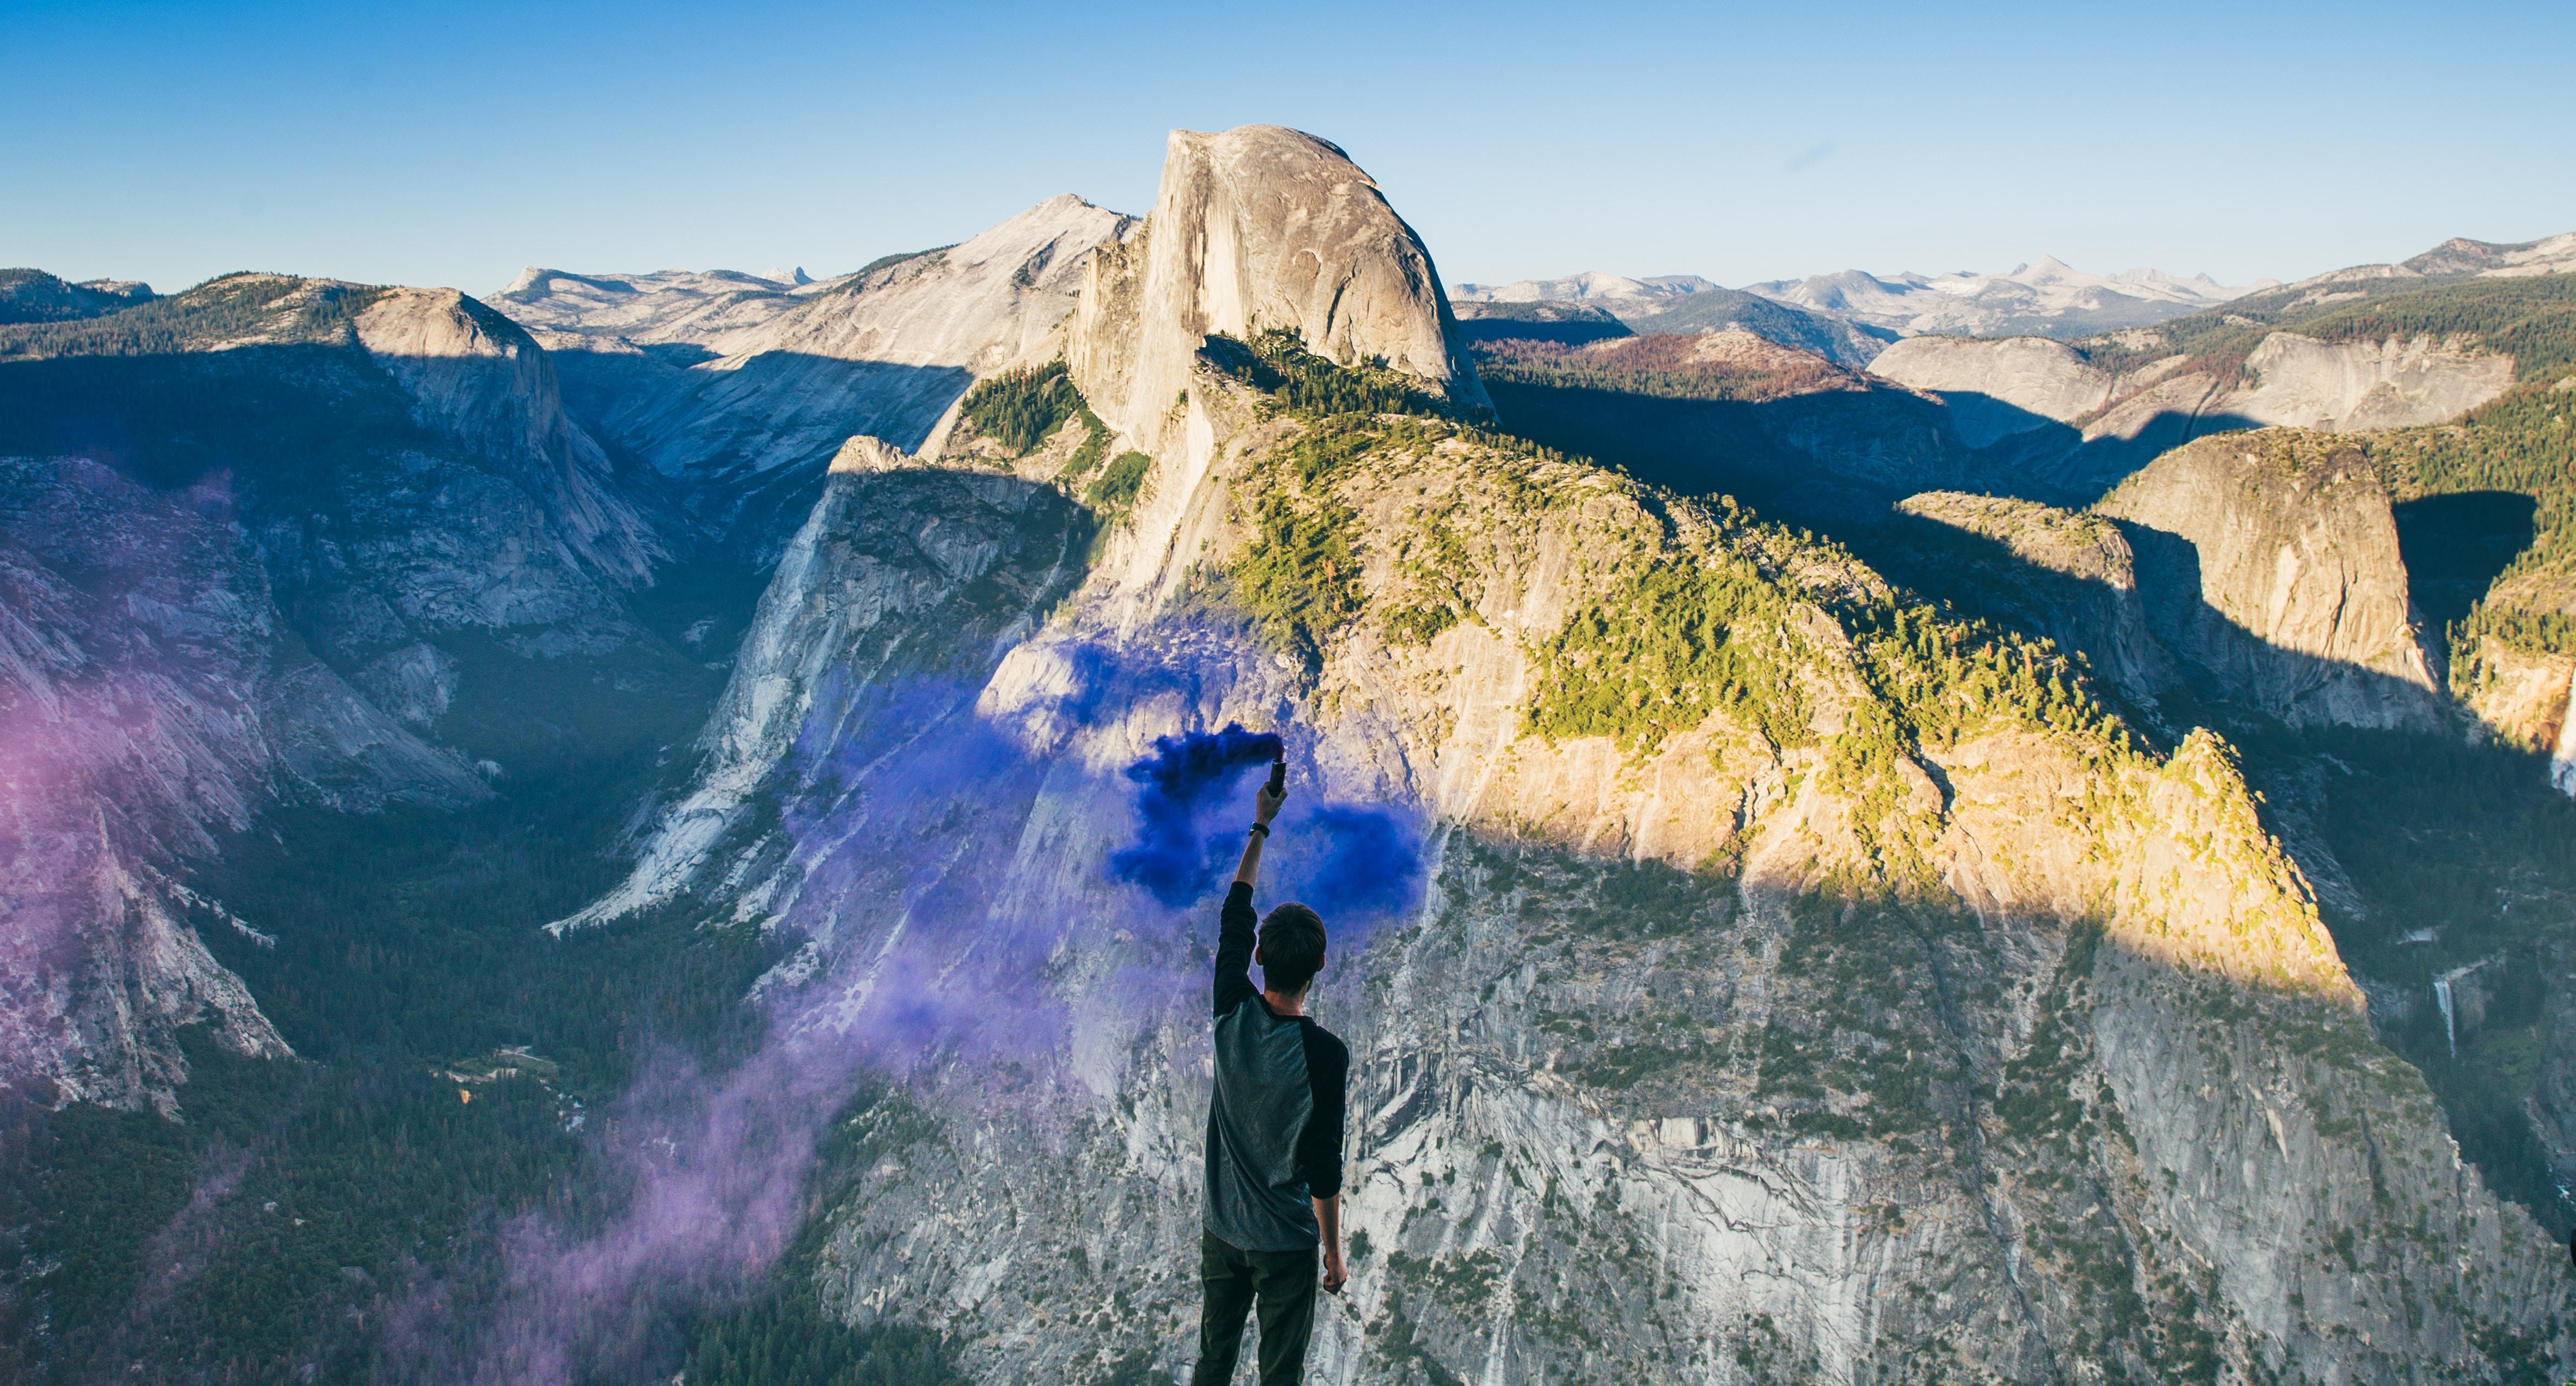 person wearing gray shirt facing gray mountain